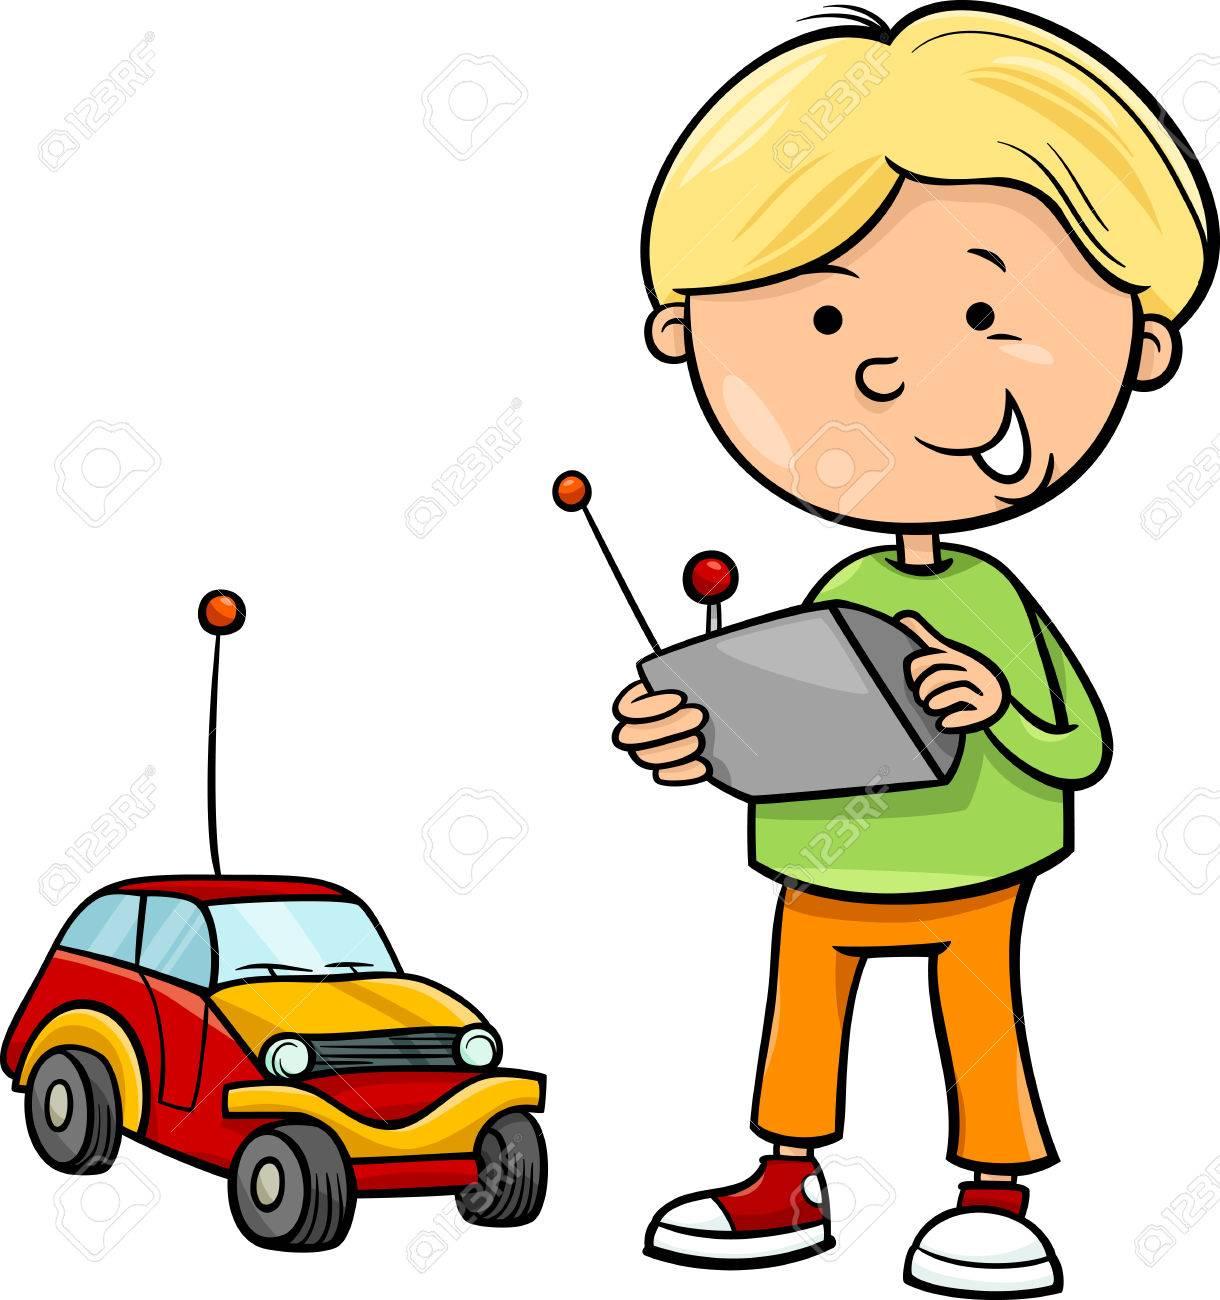 リモートのおもちゃの車、かわいい男の子の漫画イラスト ロイヤリティ